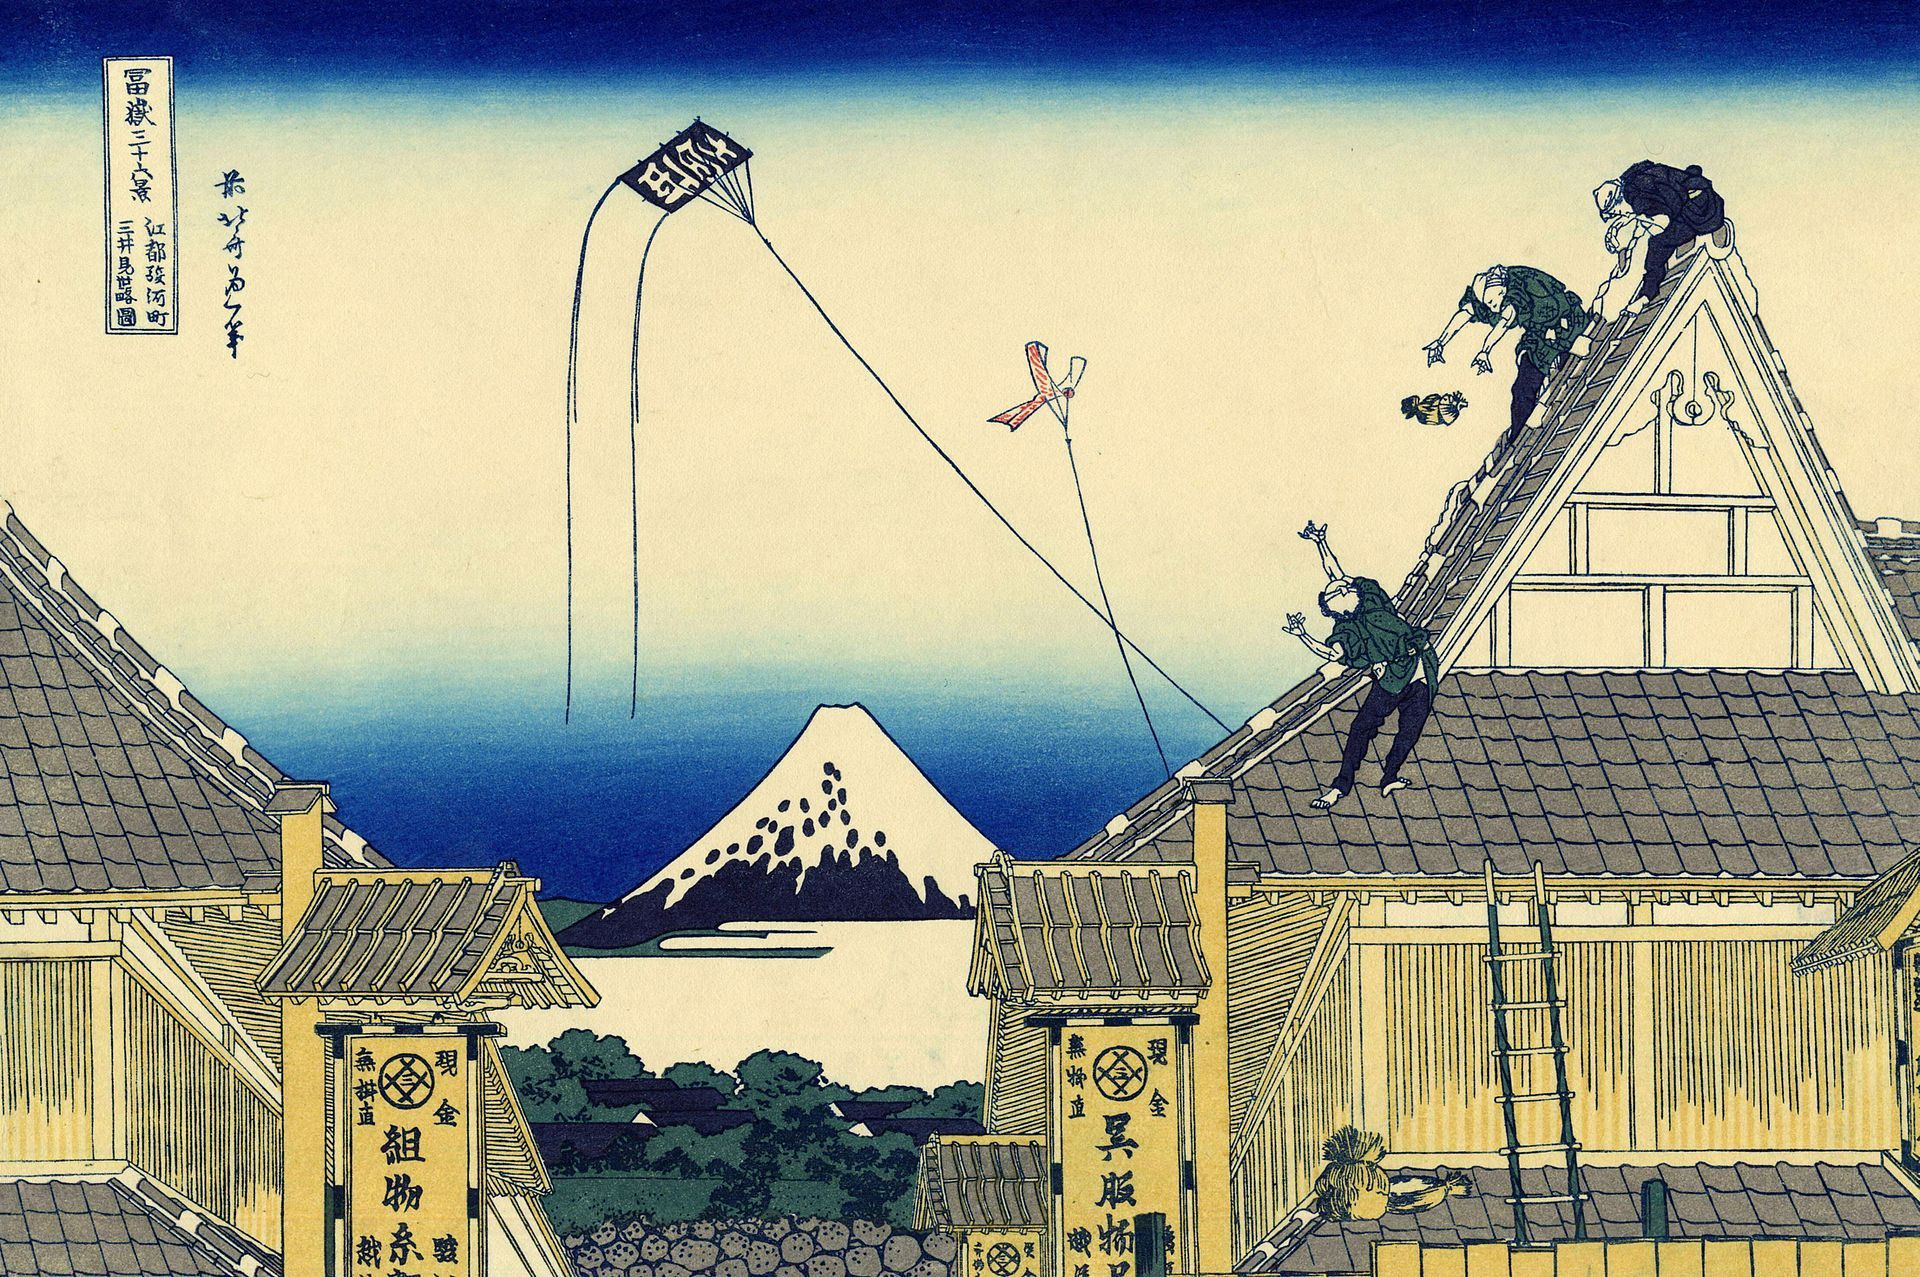 Nhật Bản kiến văn lục – một tài liệu cổ người Việt viết về Nhật Bản